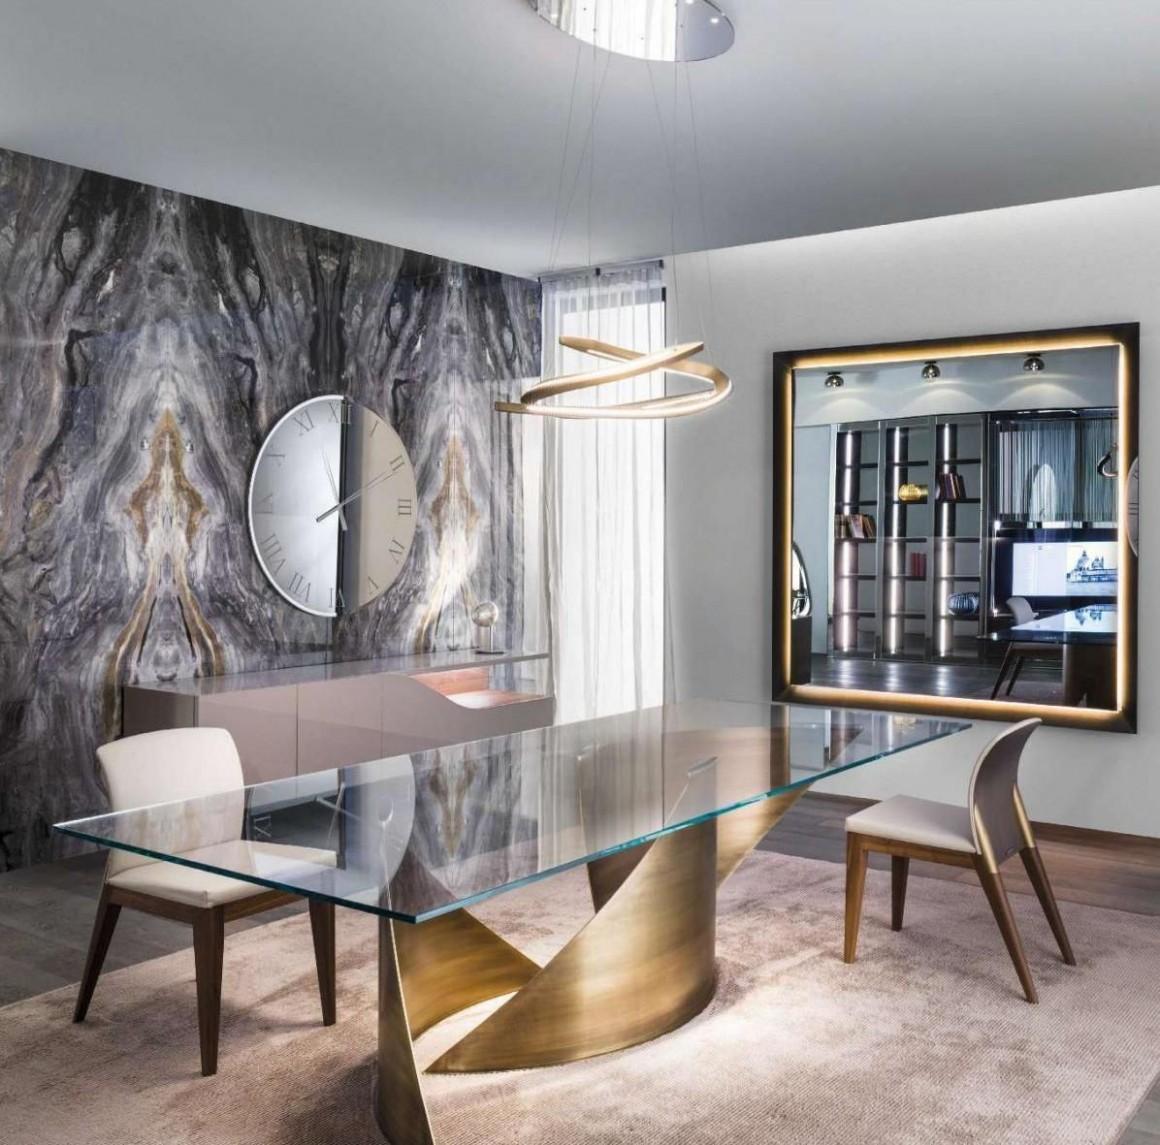 Elle Decor 10  Luxury dining room, Luxury dining tables, Luxury dining - Dining Room Ideas Glass Table